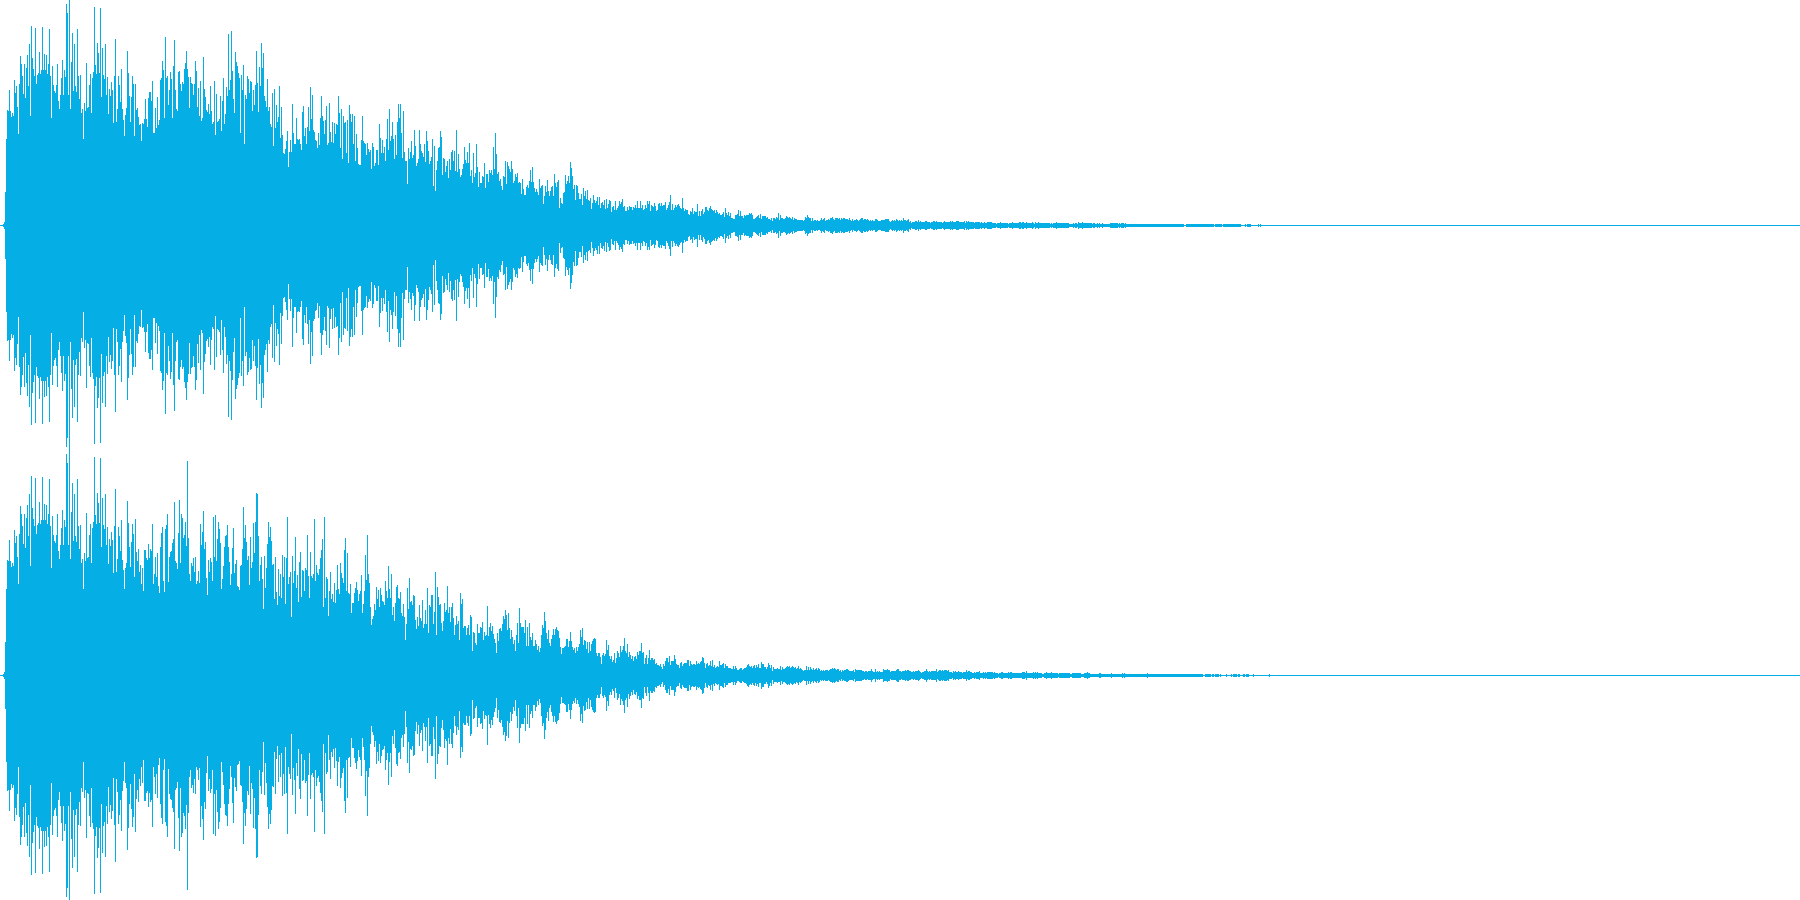 ジャーン(鐘、ゲーム、アプリ、起動音等)の再生済みの波形